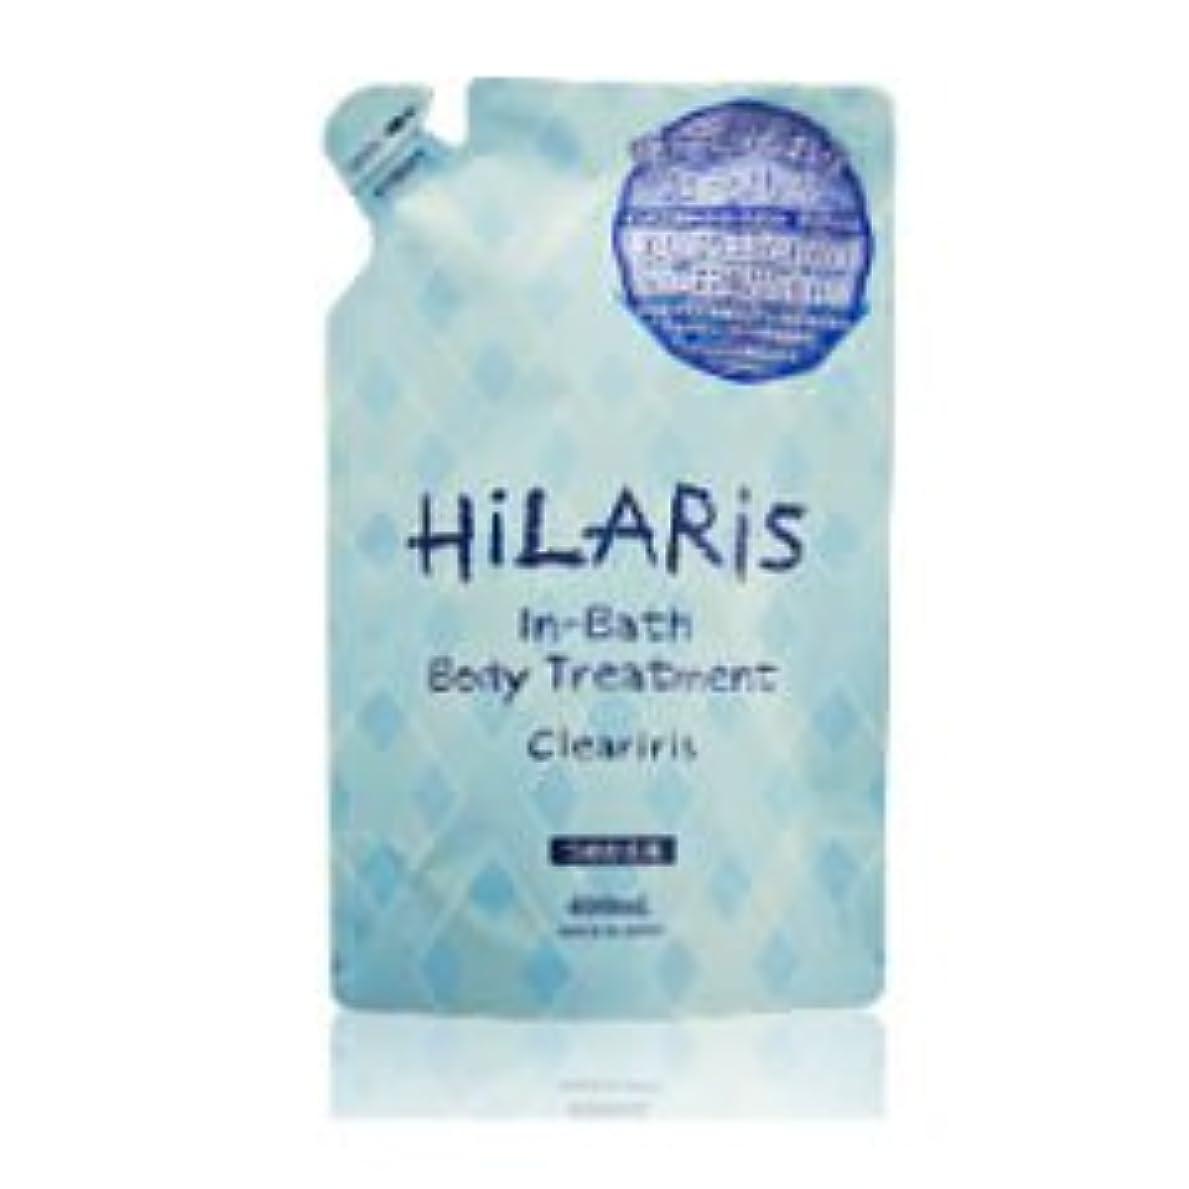 針土地規制ヒラリス(HiLARiS)クリアイリスインバスボディトリートメント詰替